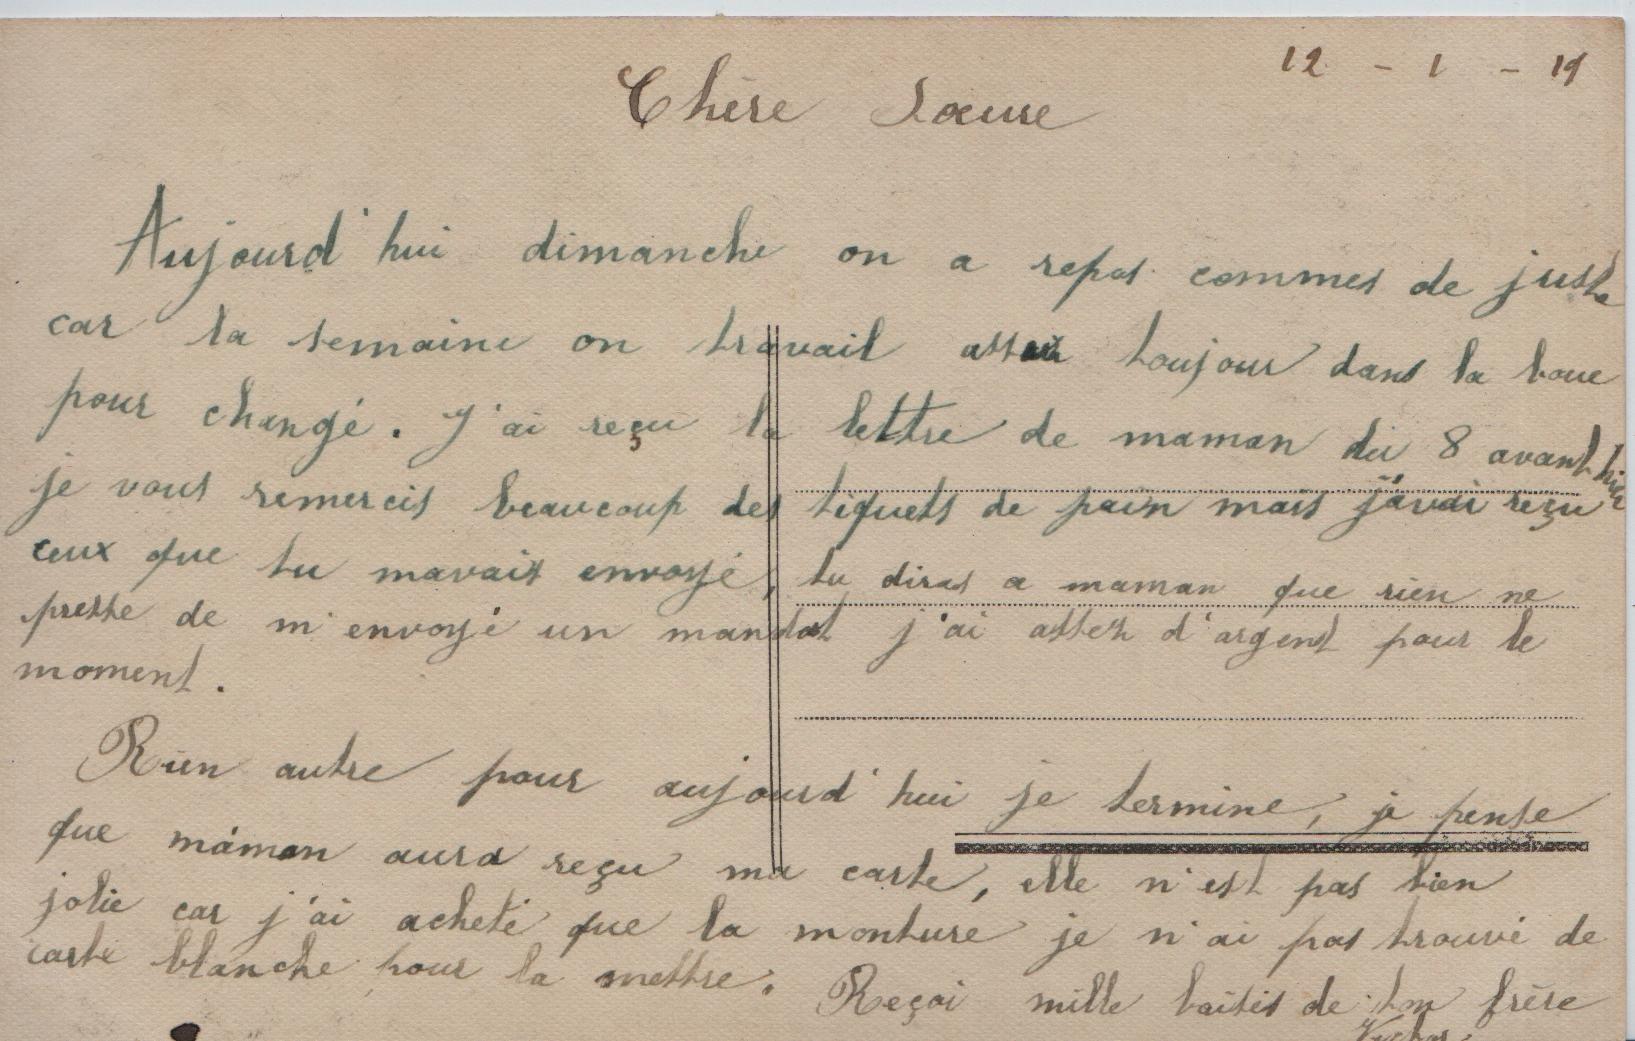 32. 12th January 1919